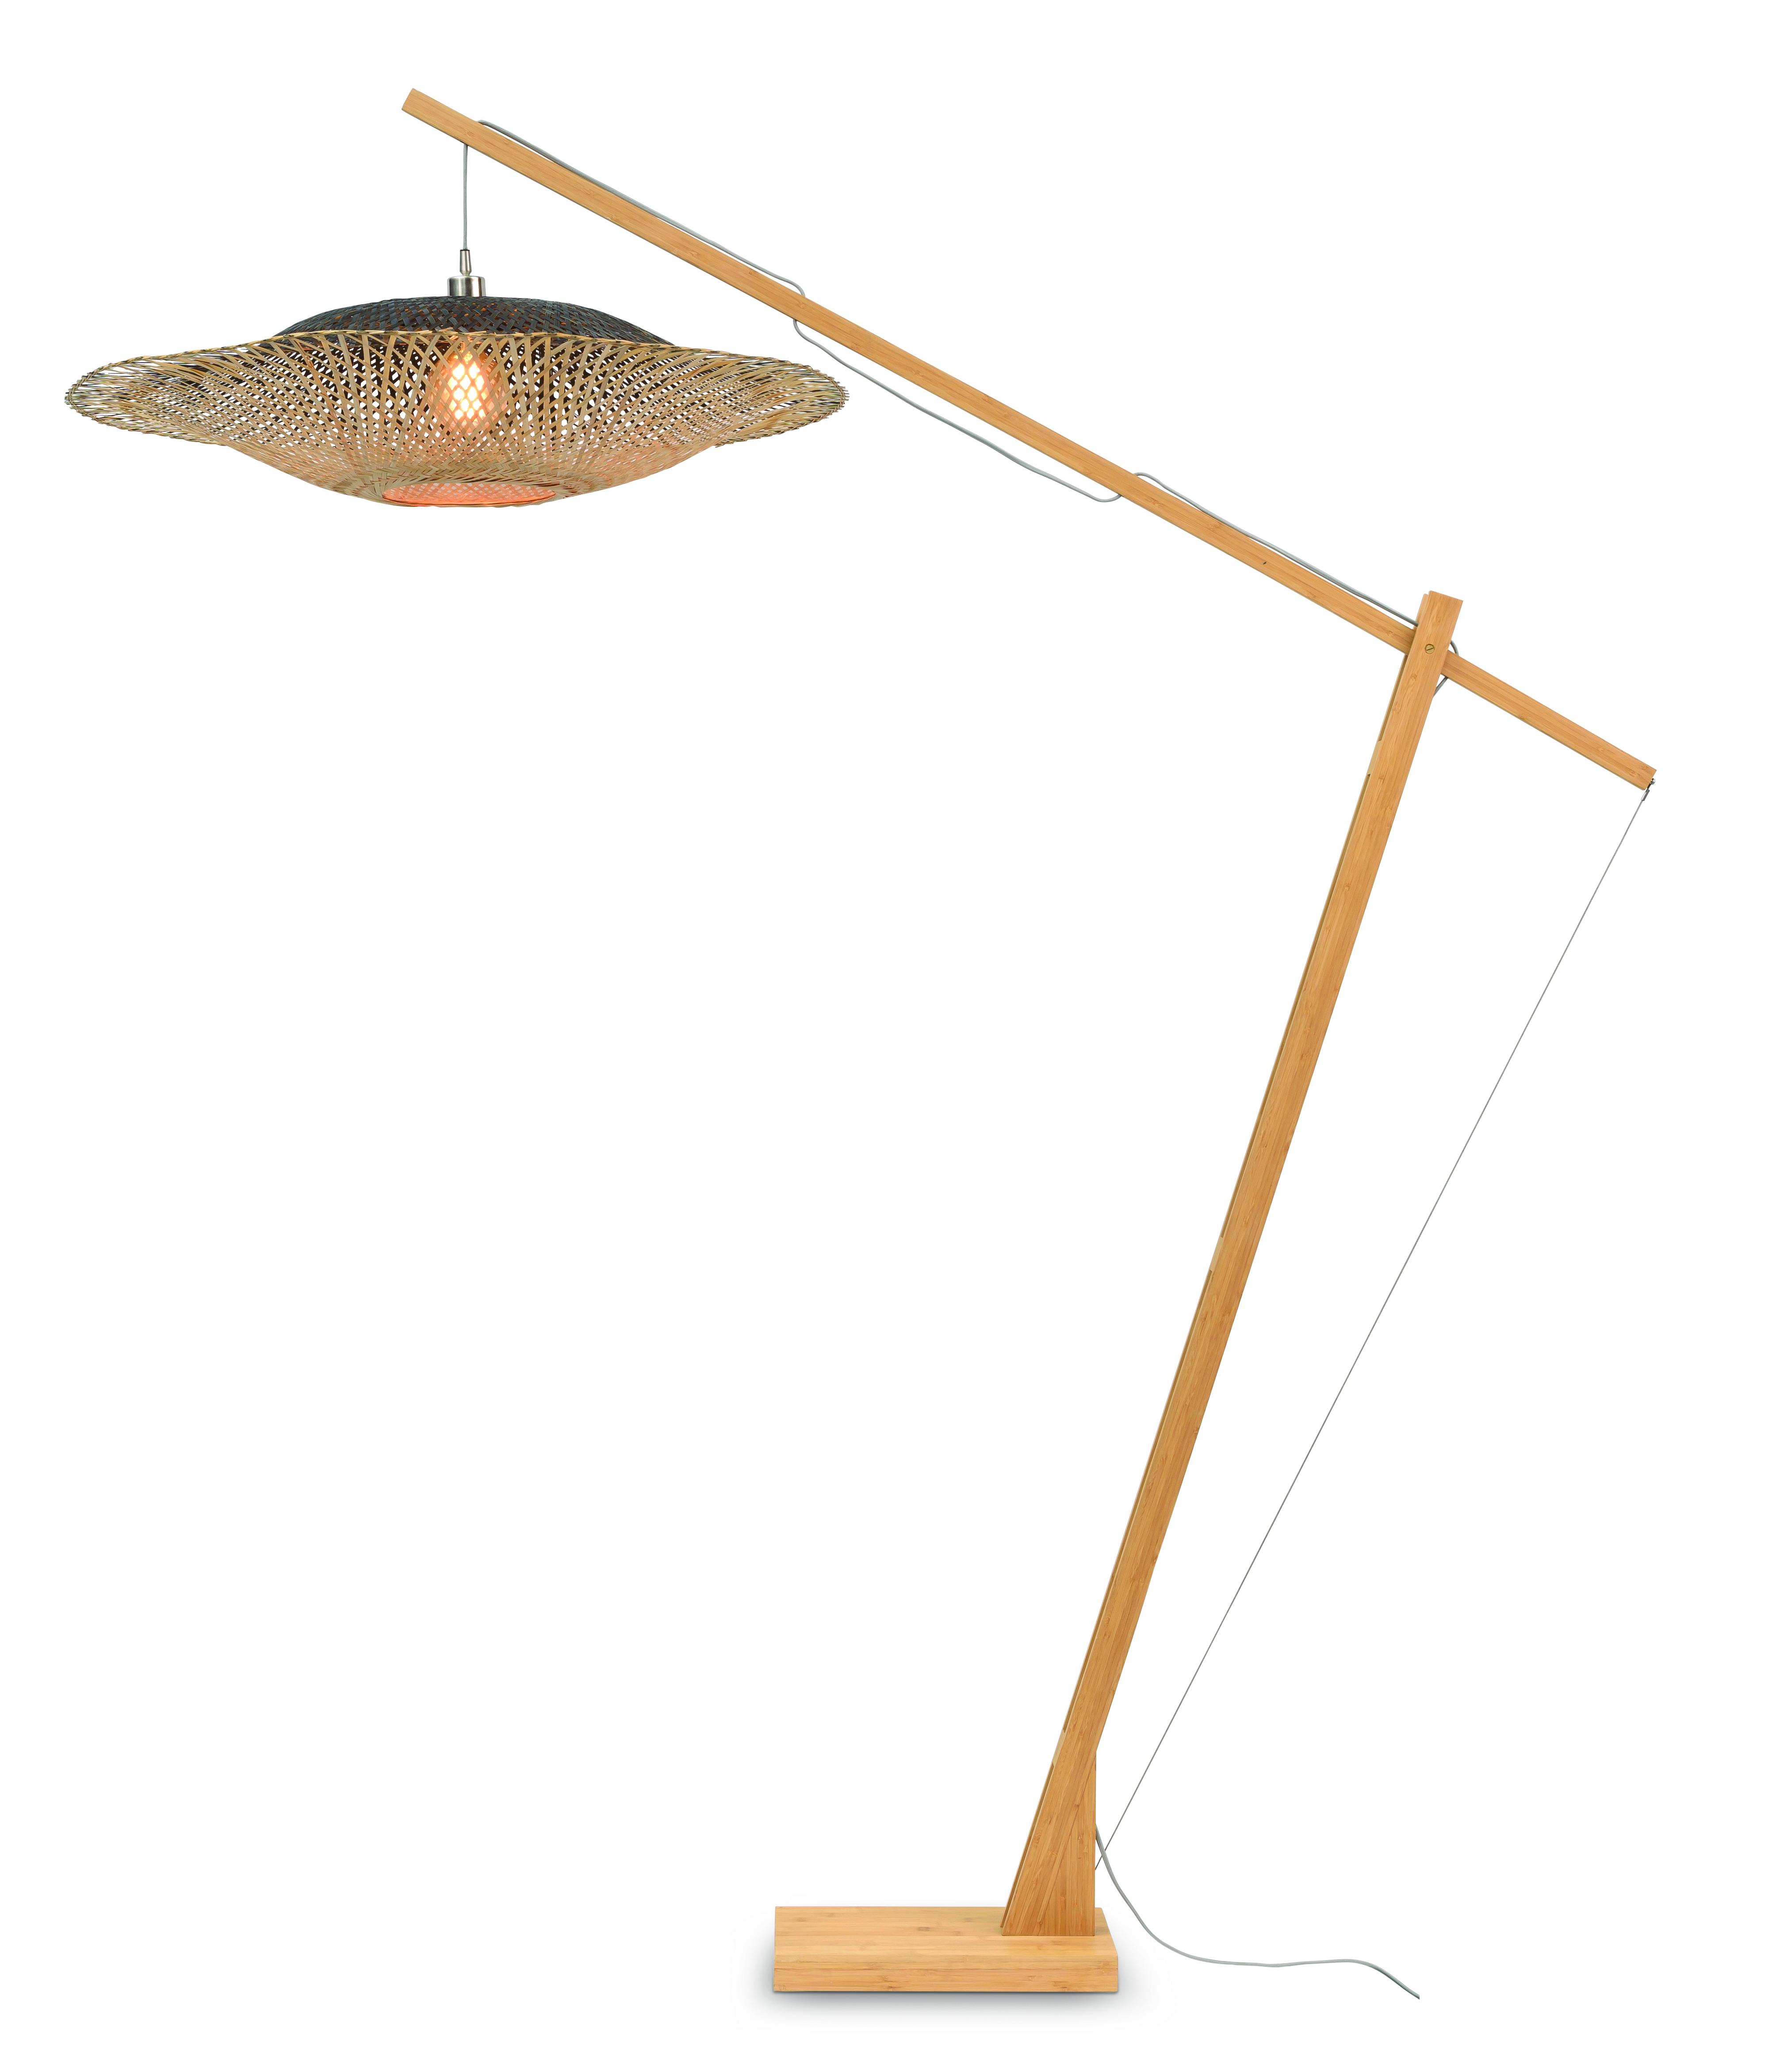 Lampadaire en bambou suspendu D207cm